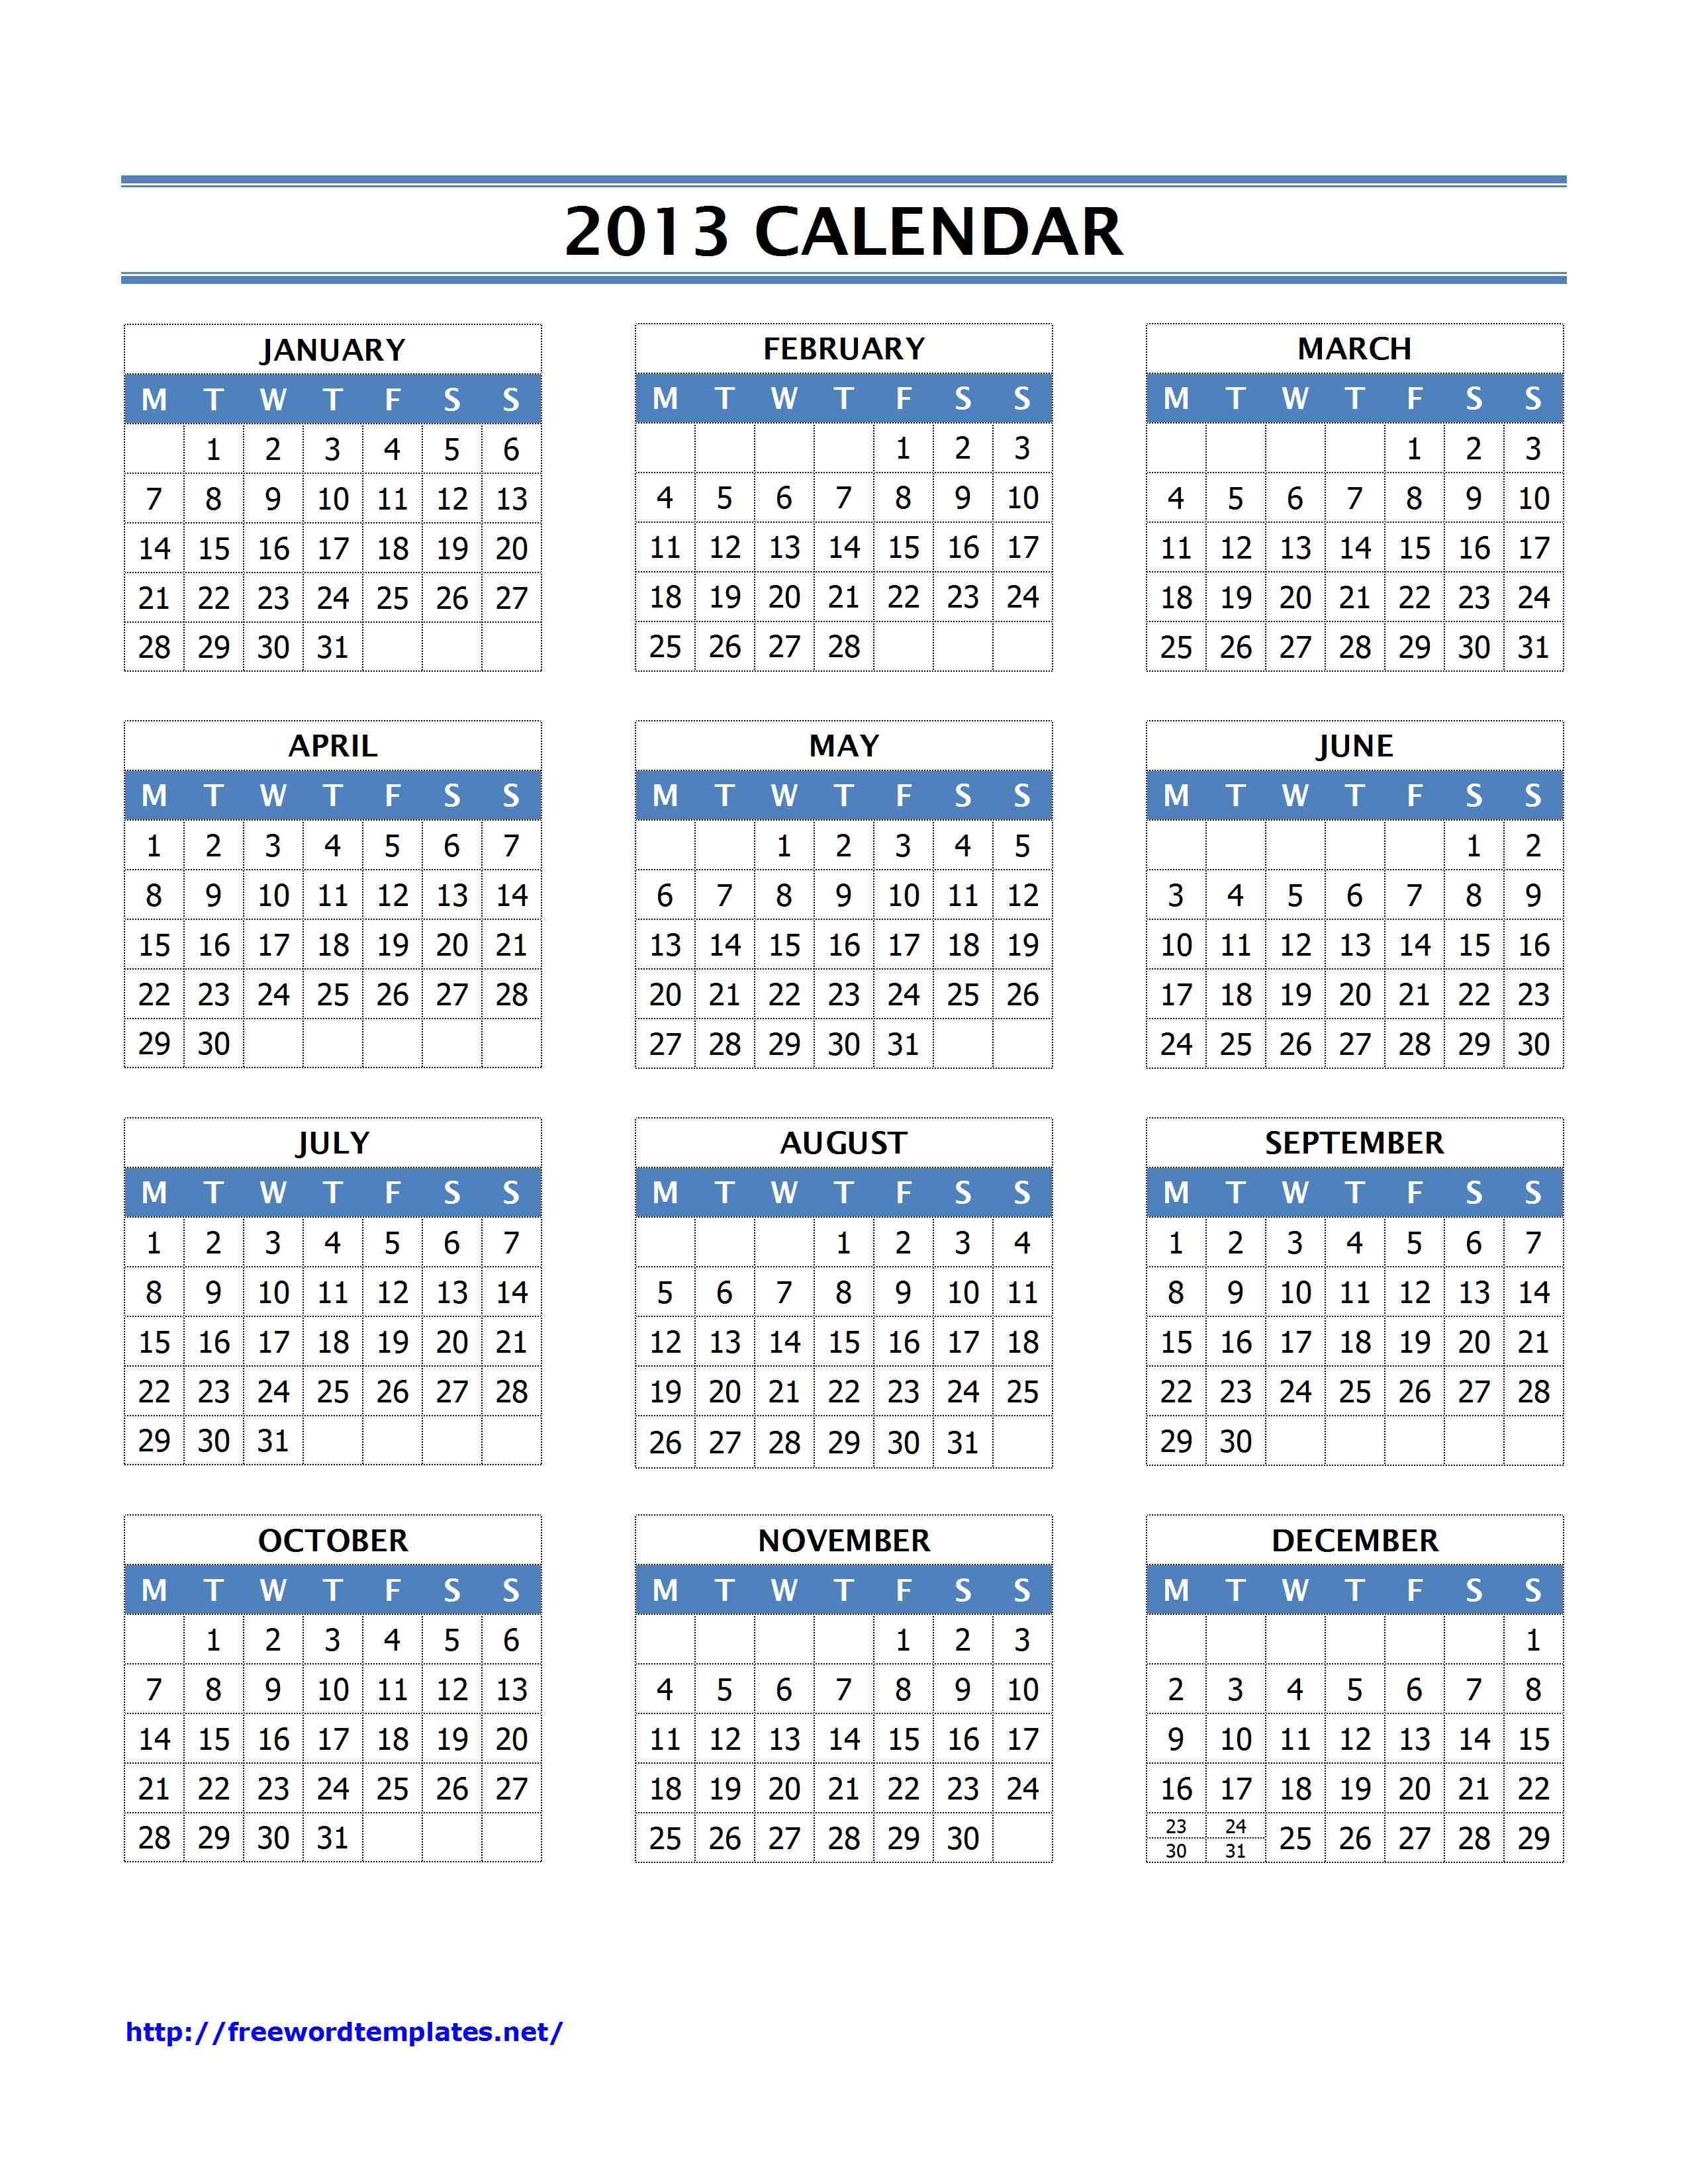 Julian Annual Calendar 2013 Year Wikipedia 2013 Calendar